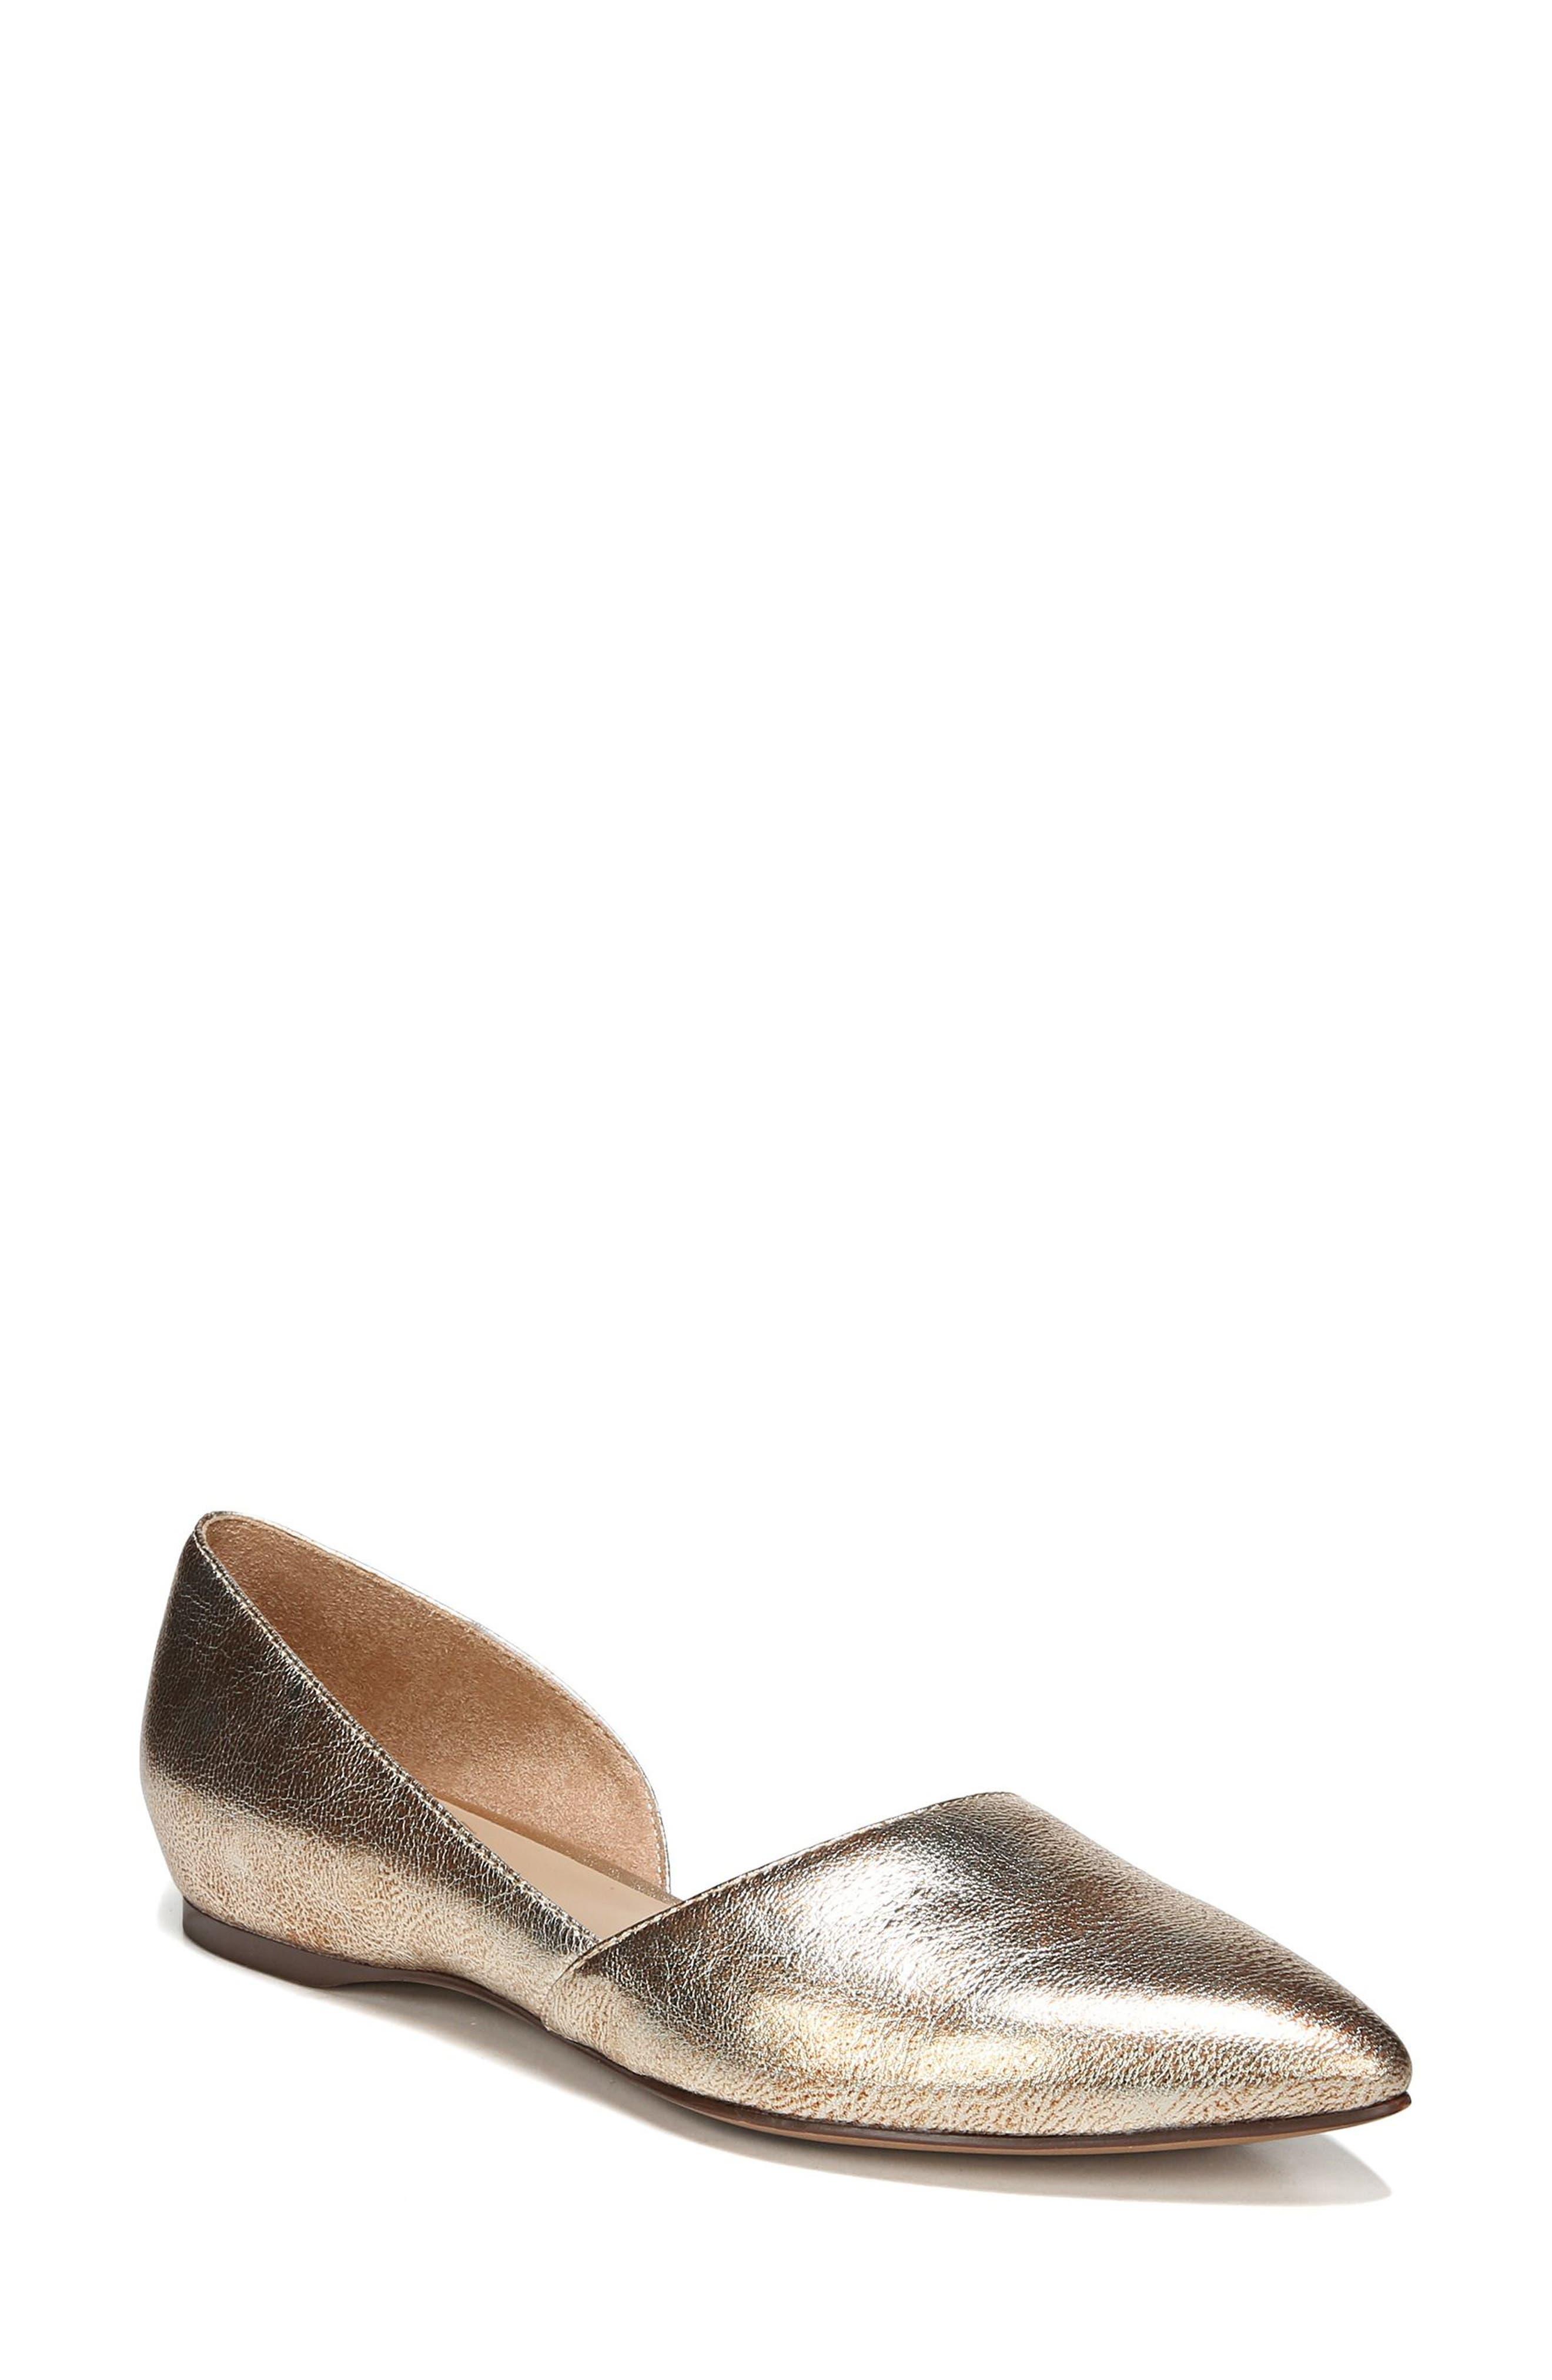 prada shoes women 8w \/led \/br30-d \/search